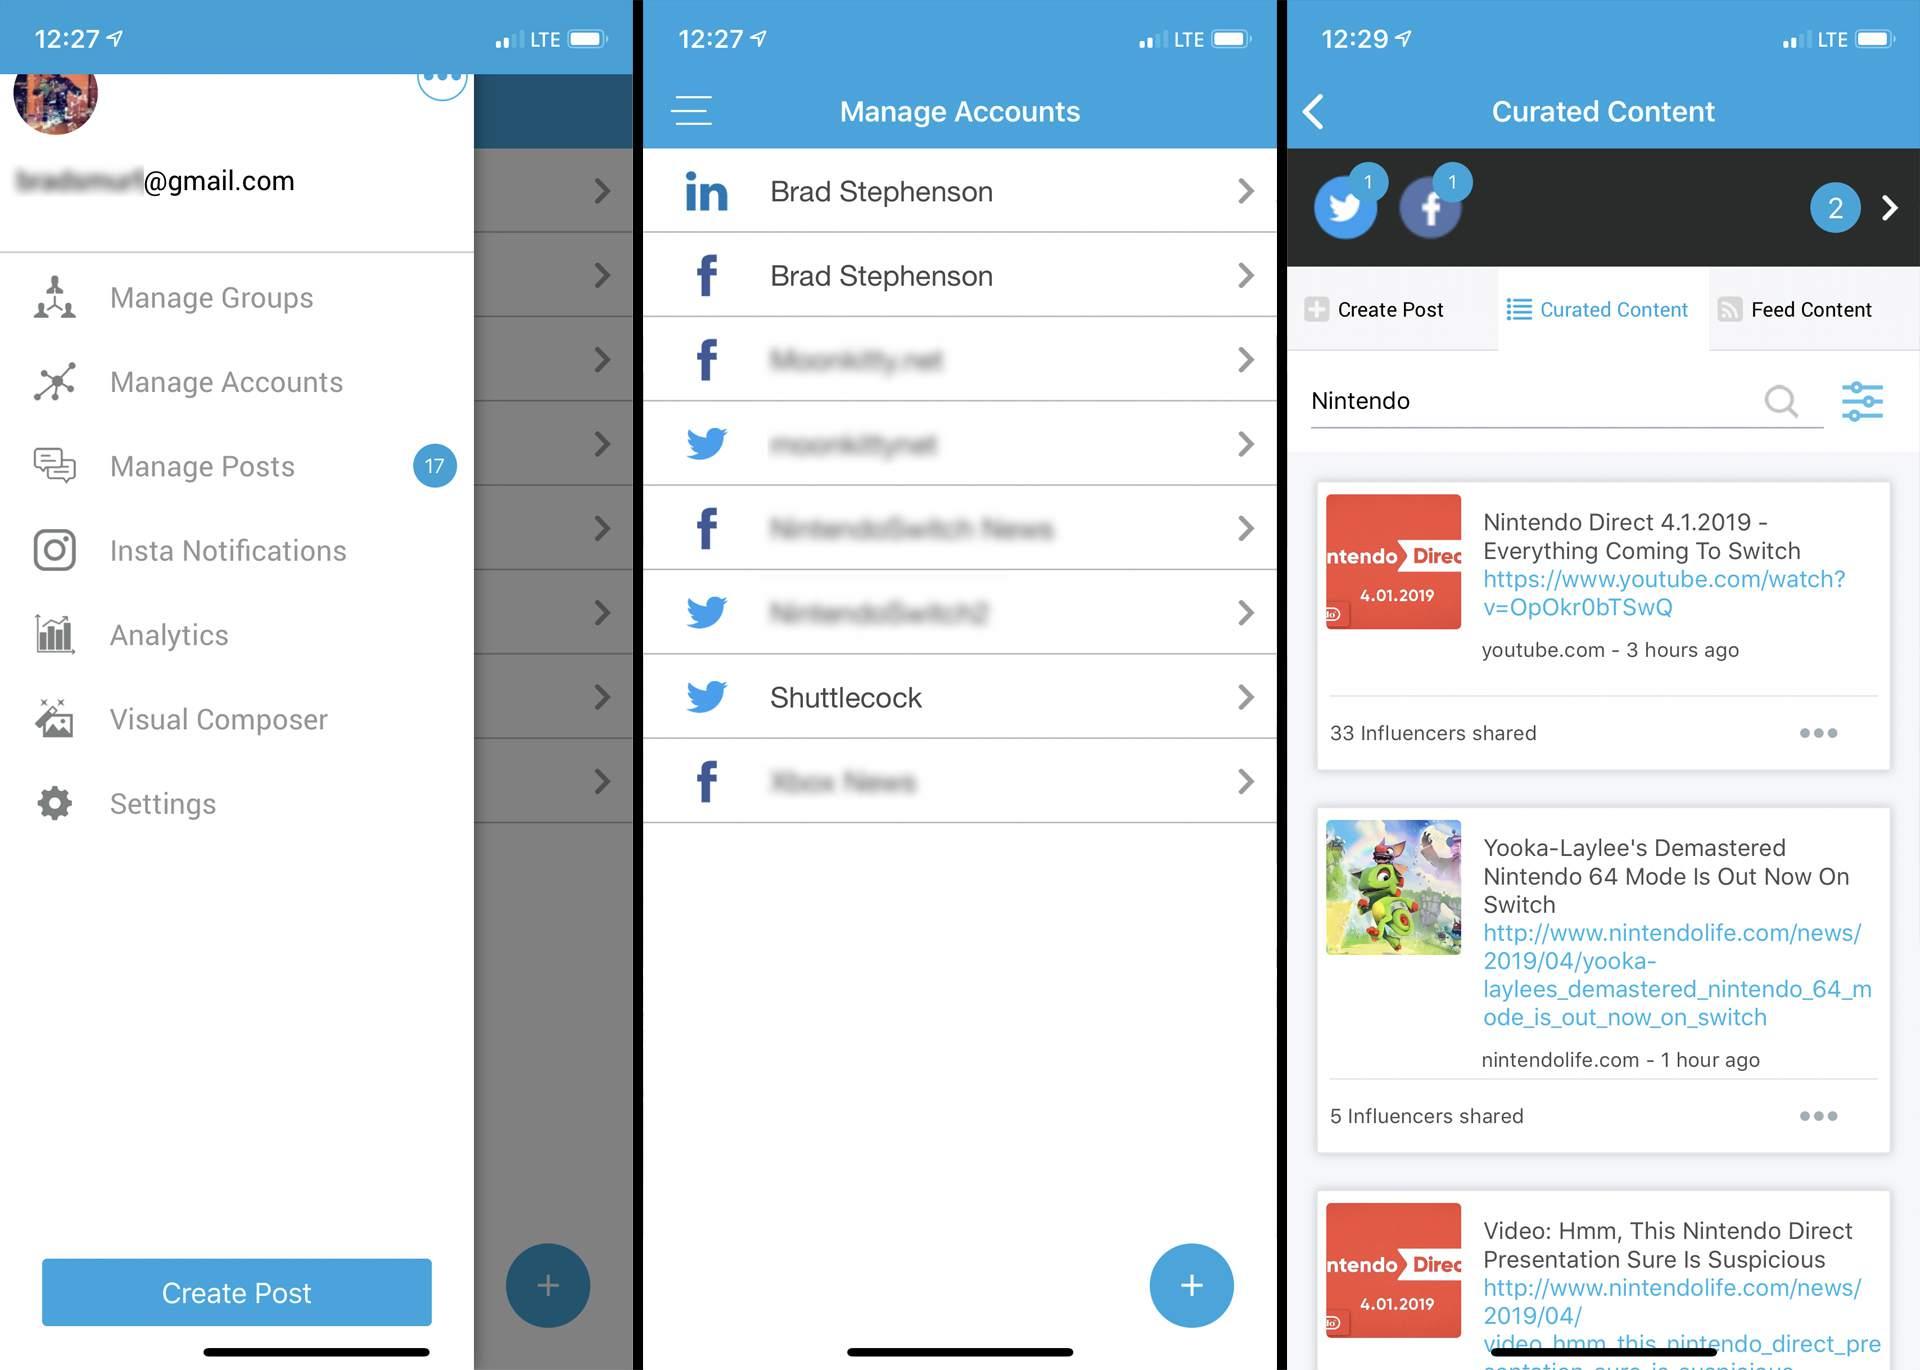 SocialPilot social media planning app on iPhone.